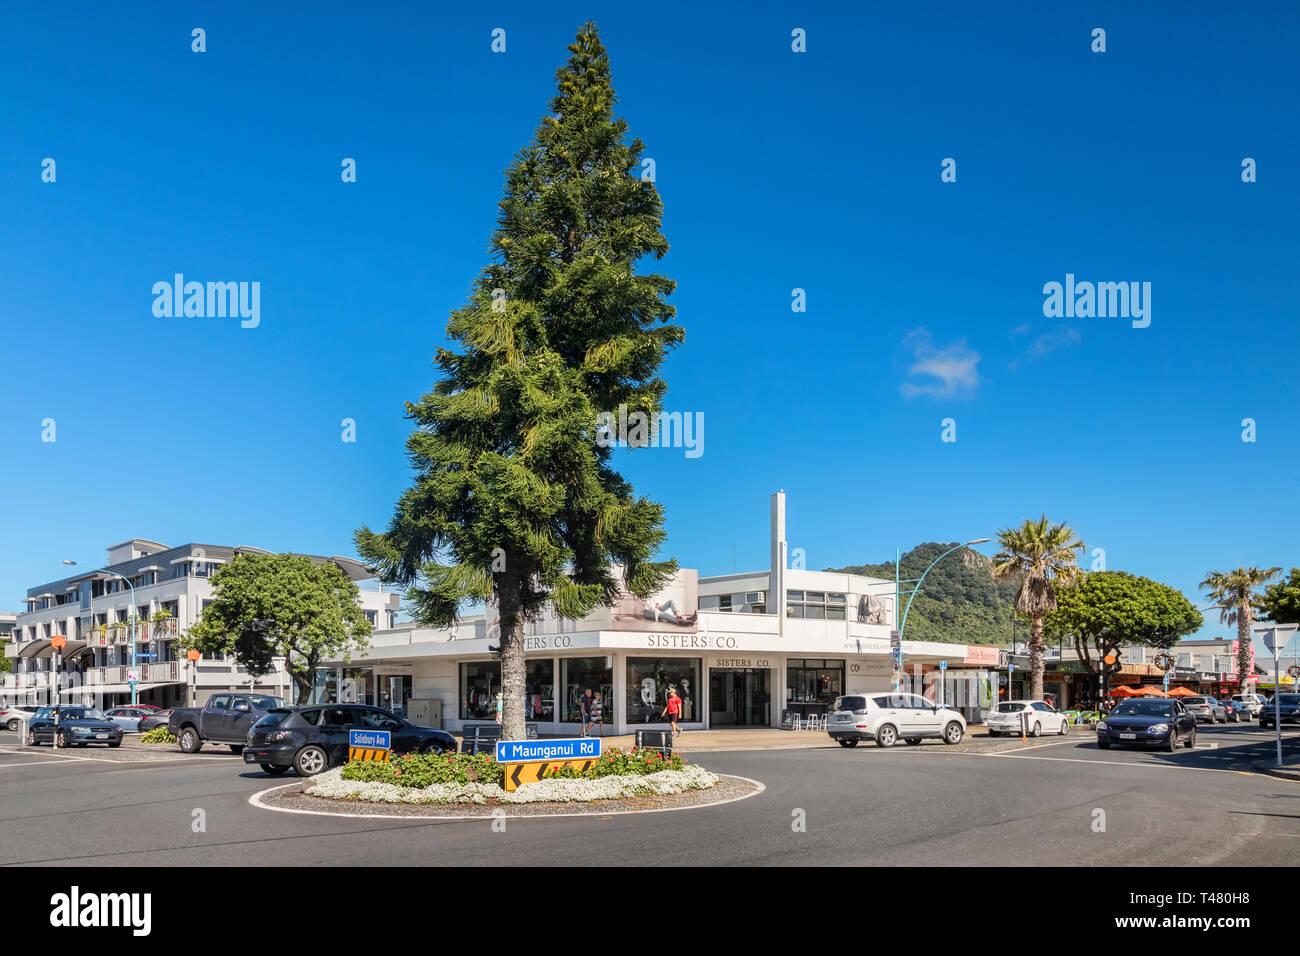 16 Décembre 2018: Mount Maunganui, Nouvelle-Zélande - Intersection et rond-point dans le centre de Mount Maunganui. Photo Stock